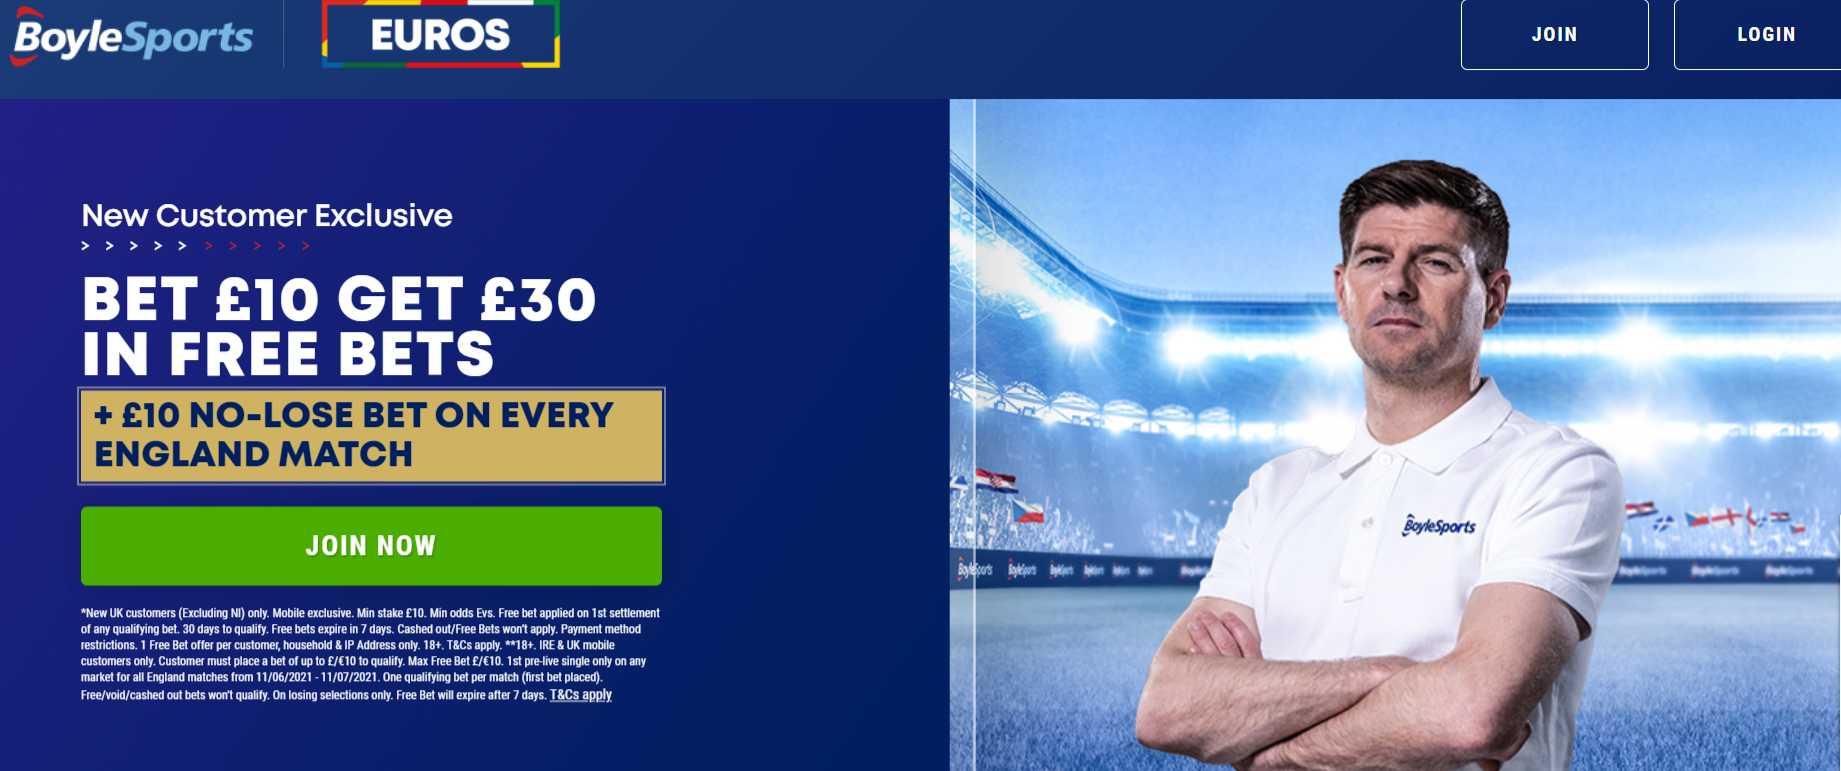 Boylesports euros offer